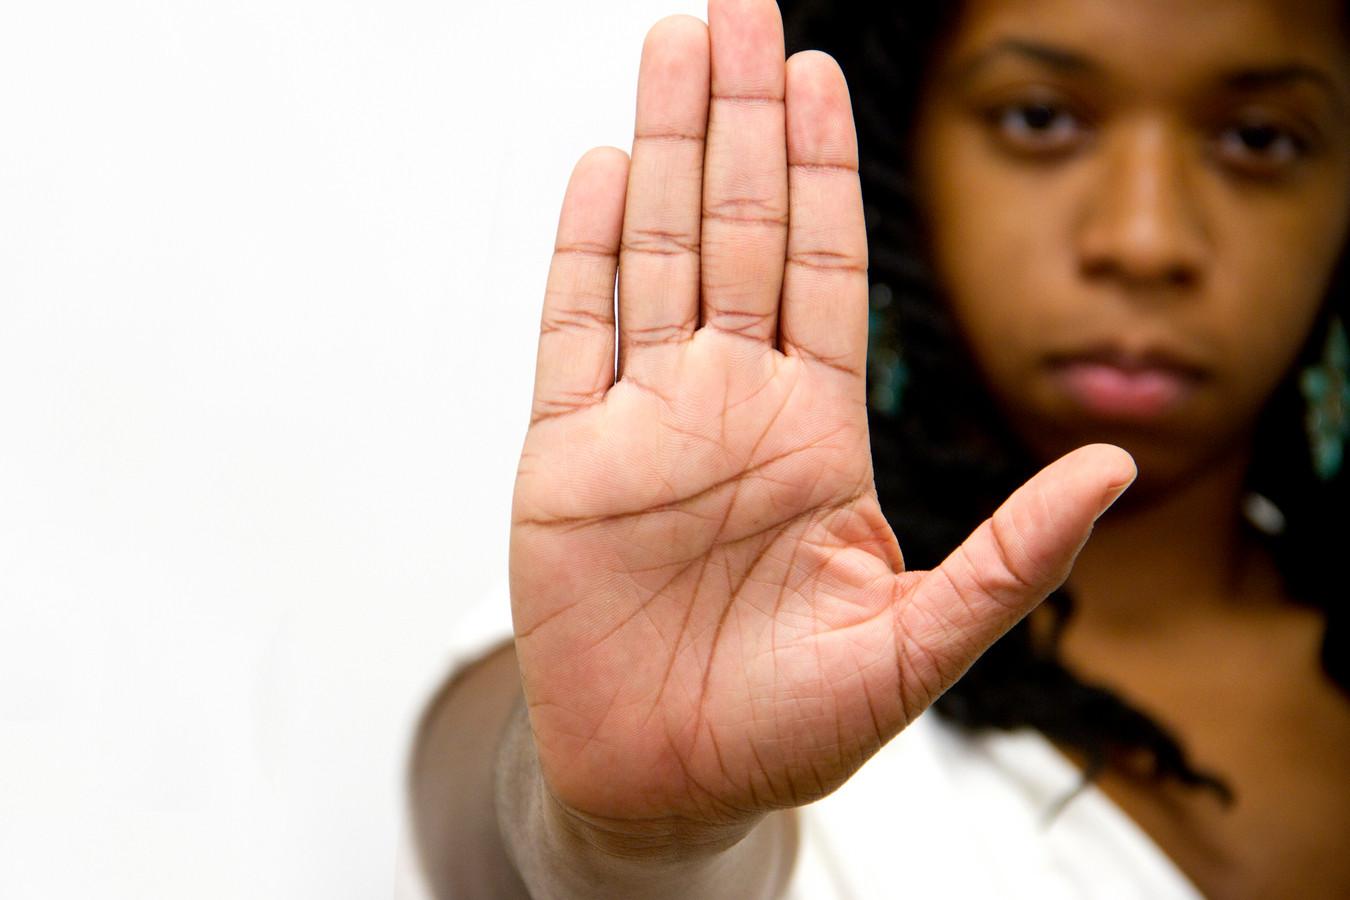 Een vrouw zou volgens een Italiaanse rechtbank tijdens een verkrachting niet hard genoeg hebben geschreeuwd om de dader te kunnen veroordelen.